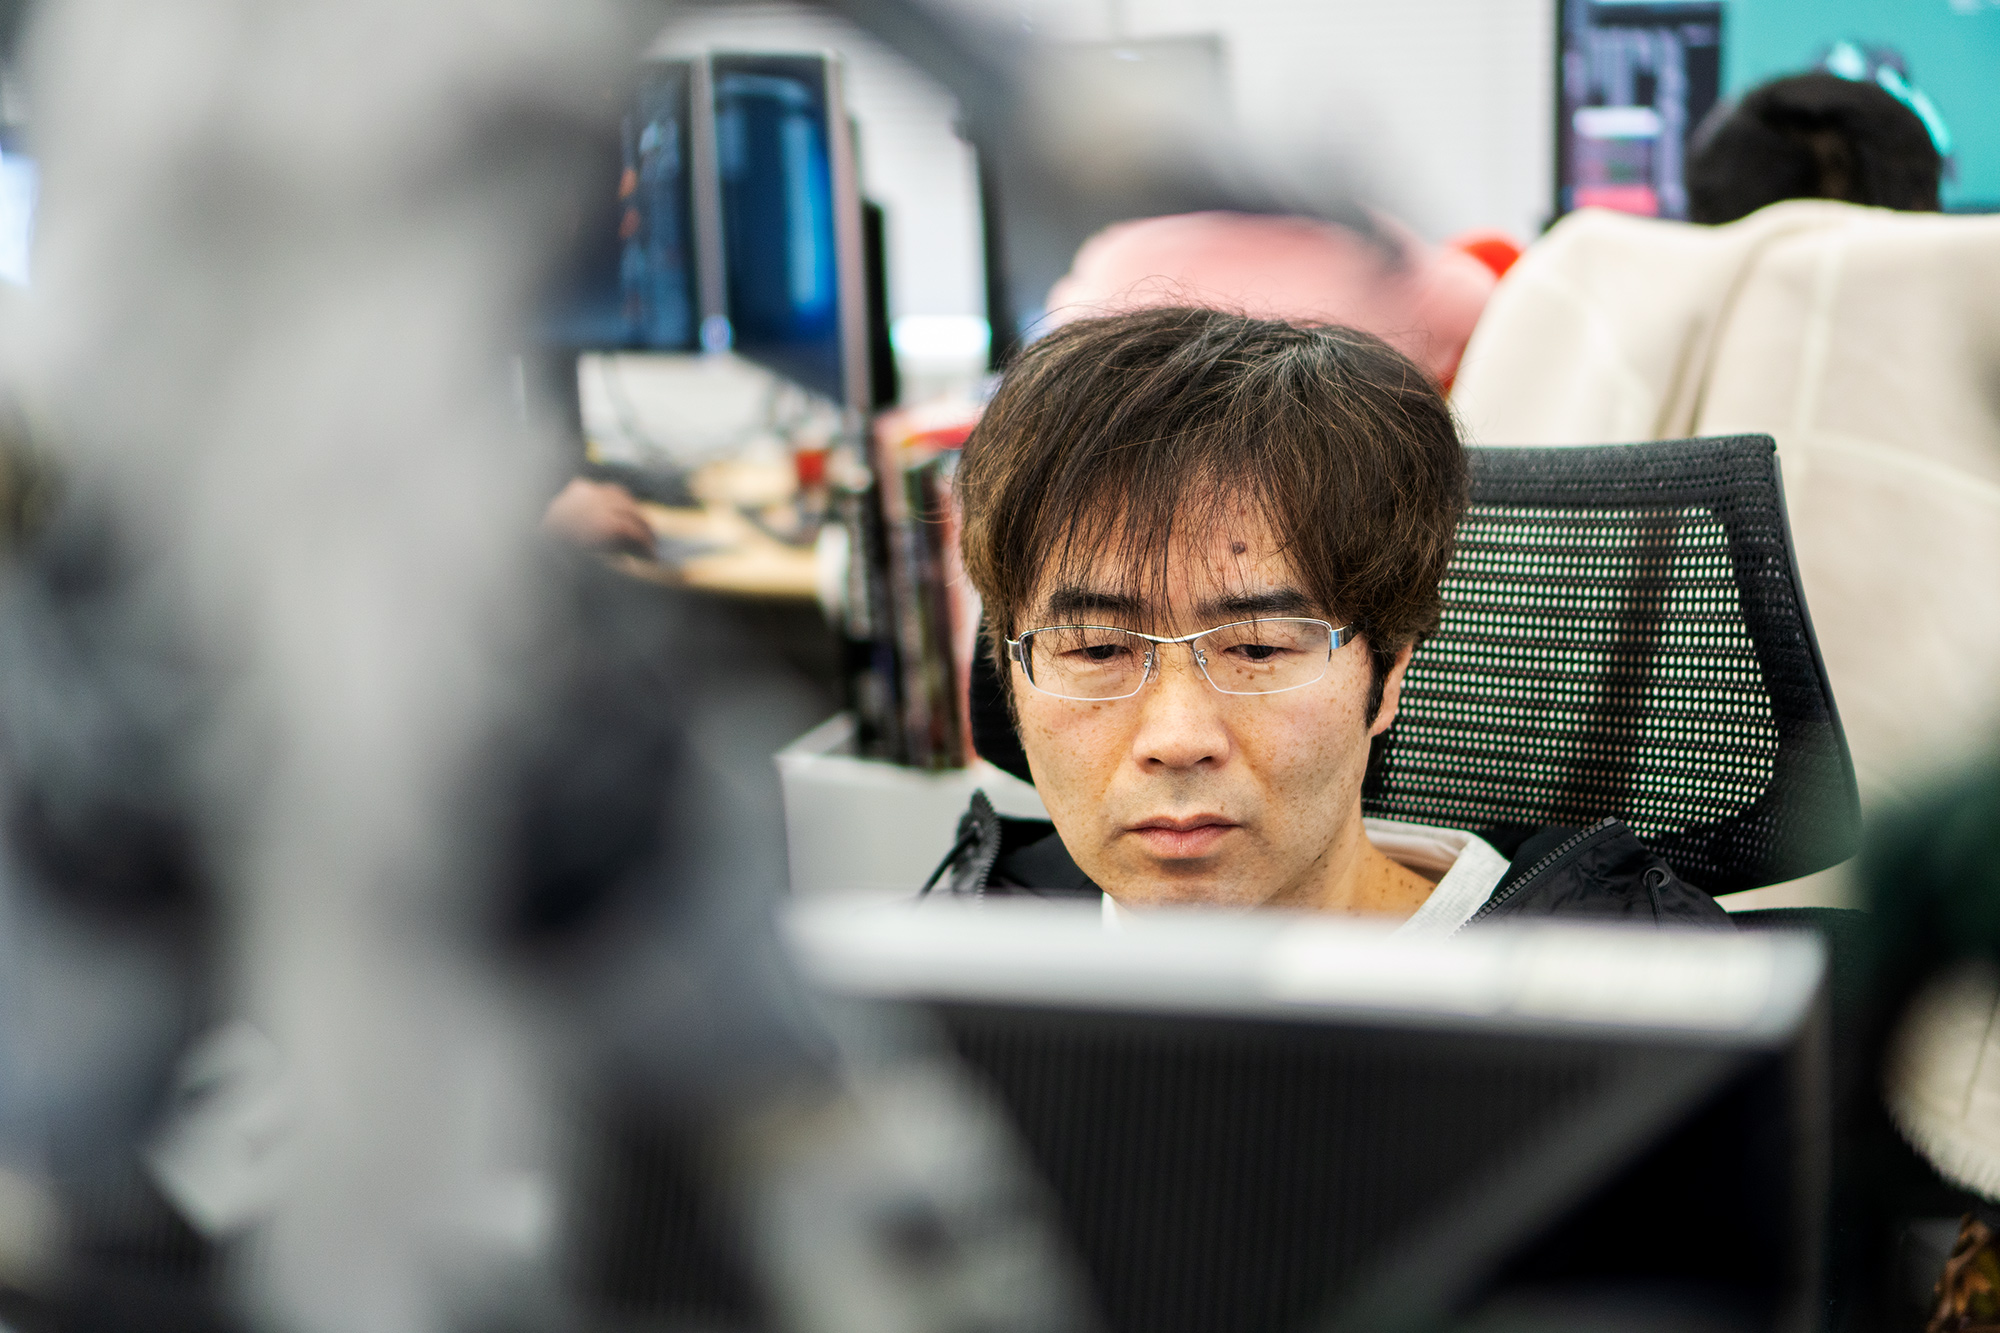 Takuo Yamamoto